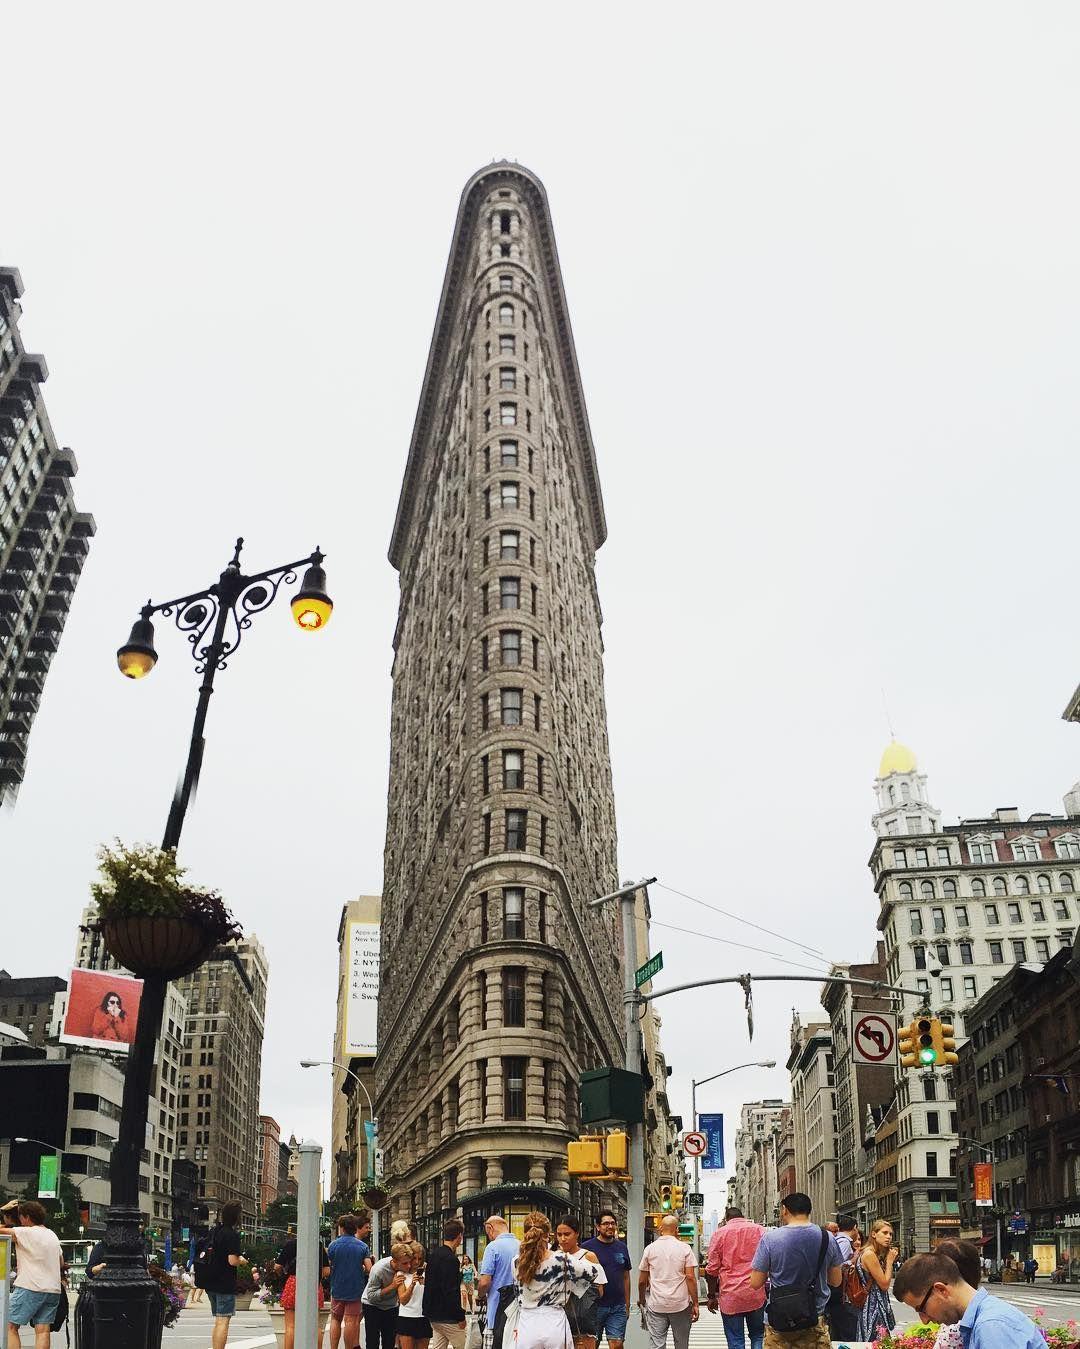 Instagram의 정 현님: 이름그대로 납작하게 생긴 플랫아이언 빌딩 . . . #flatironbuilding #nyc #usa #여행에미치다 #플랫아이언 #뉴욕